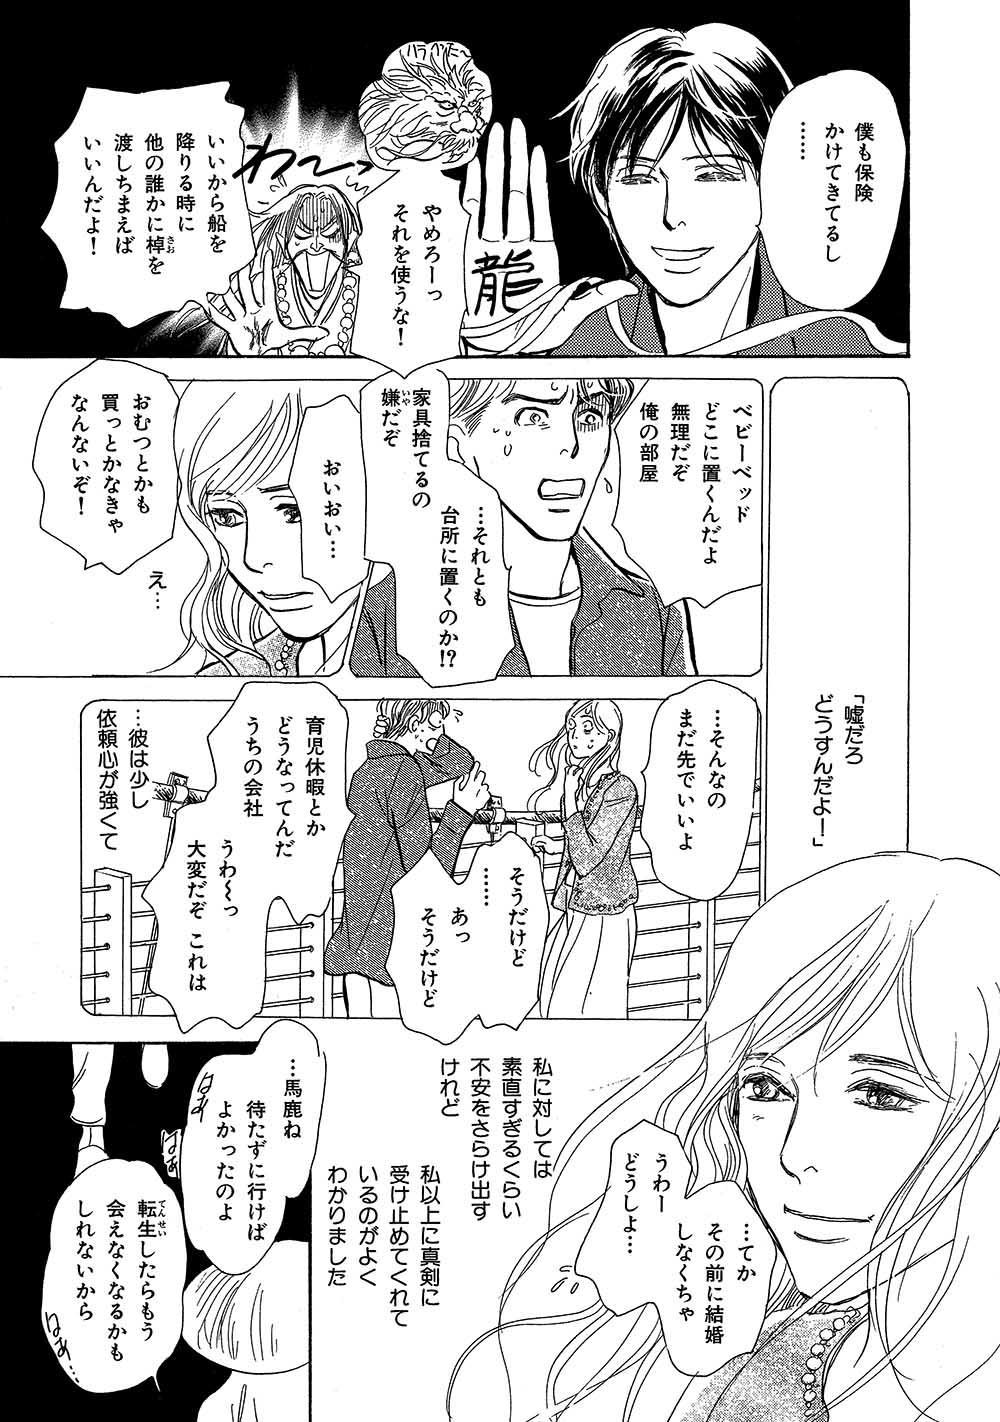 hyakki_0016_0101.jpg